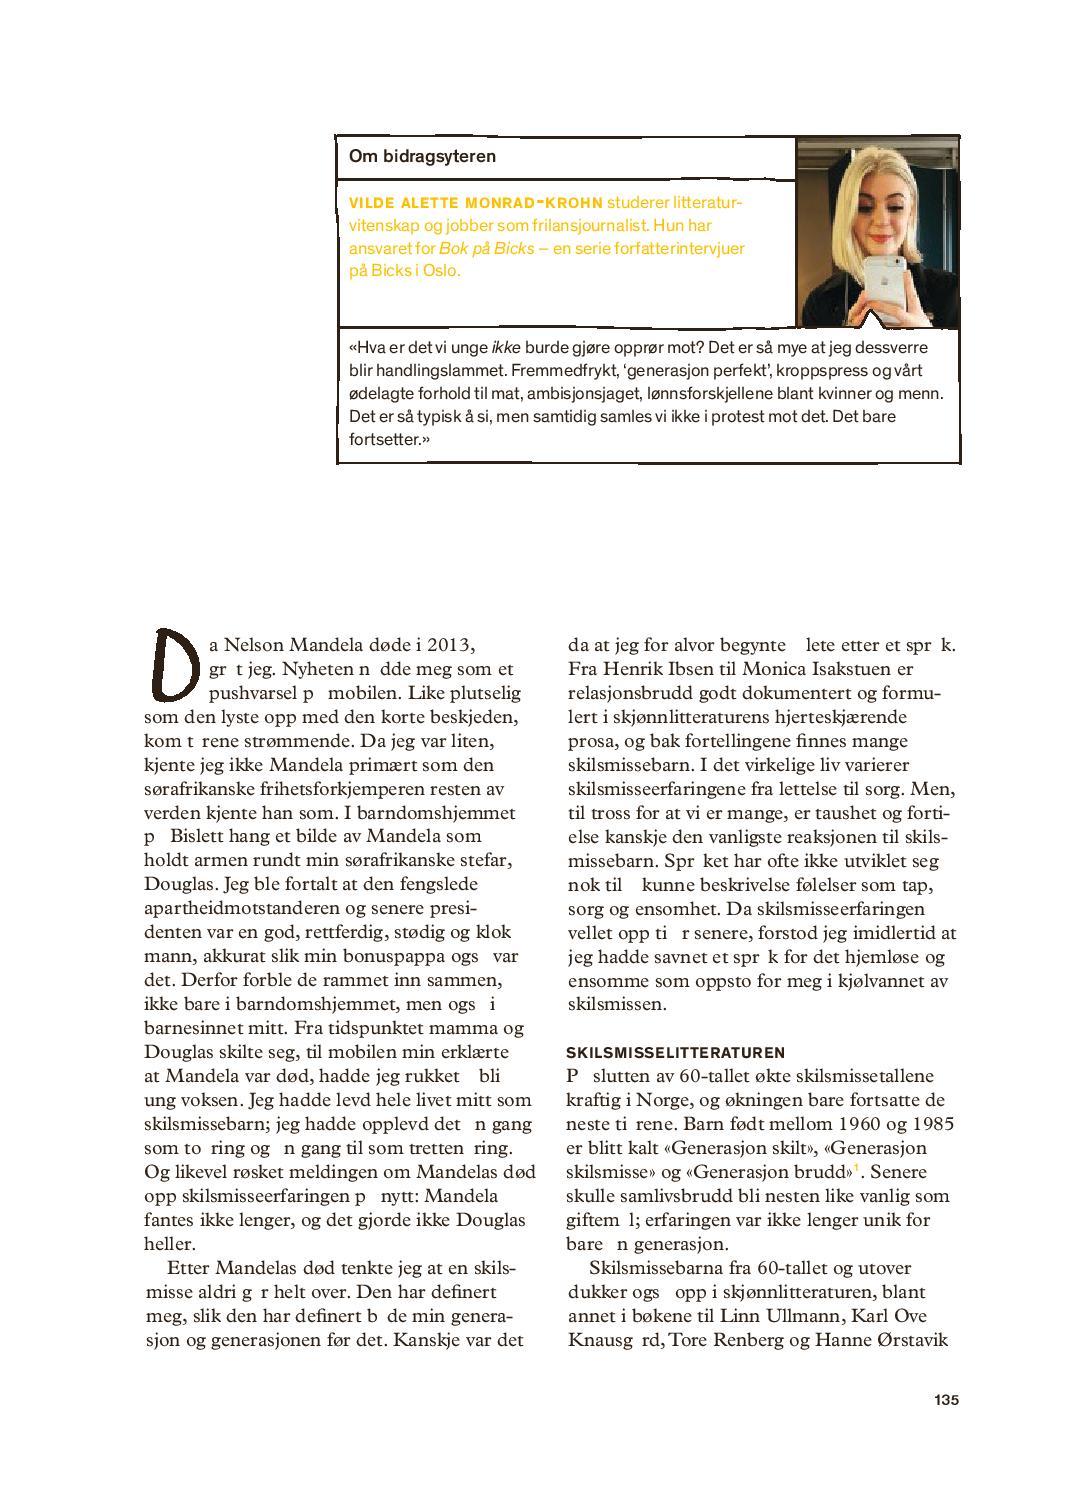 Skilsmissespraaket (1)-page-002.jpg